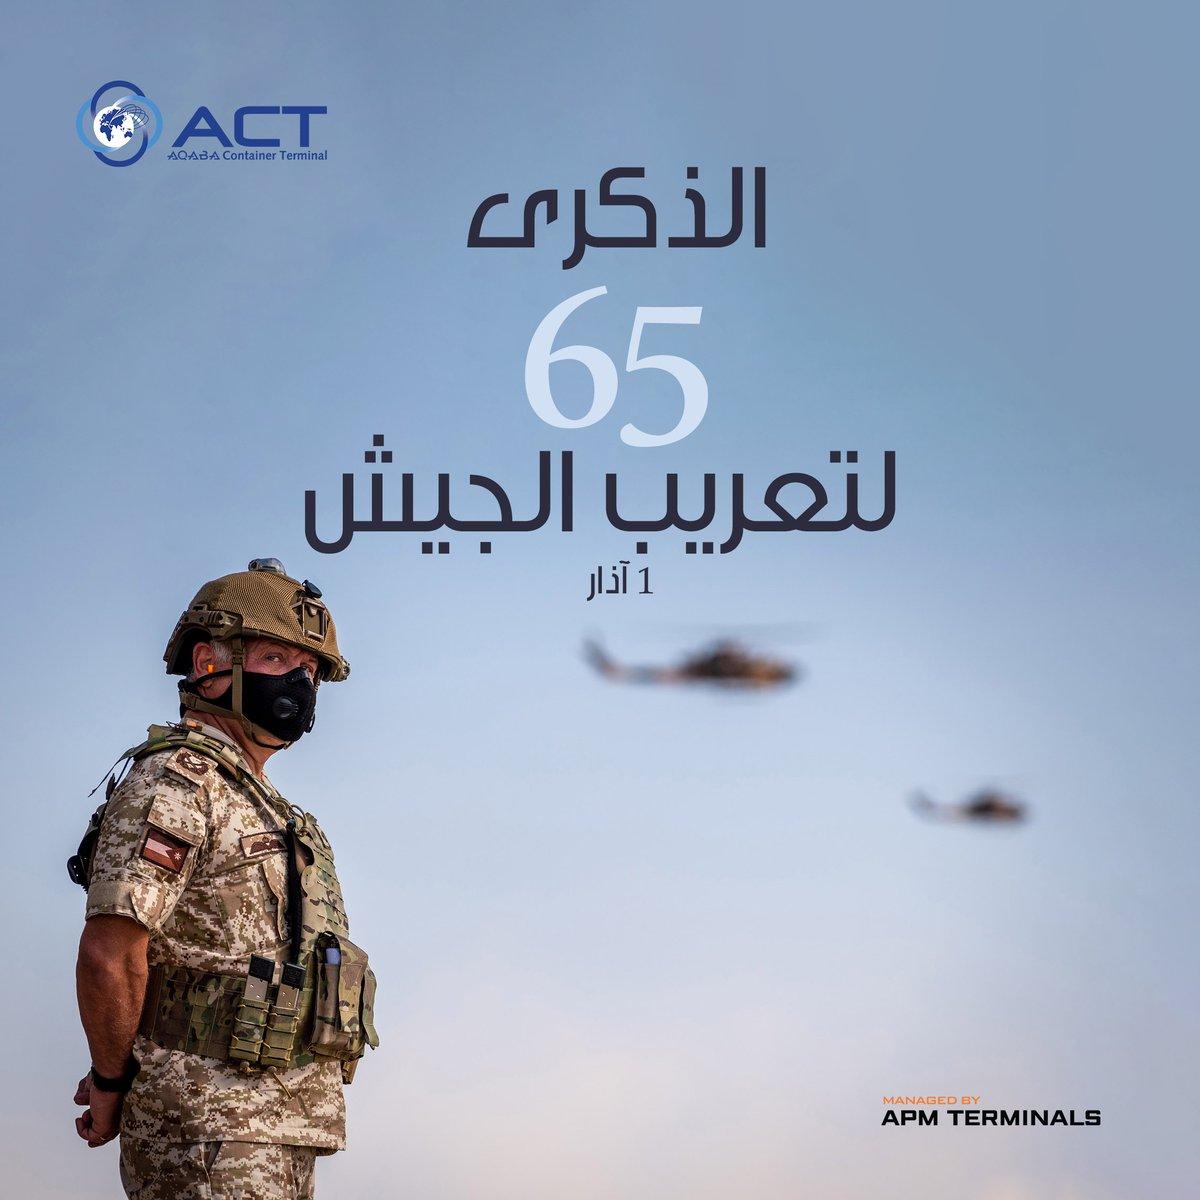 The commemoration of Arabization of the Jordan army.  #تعريب_الجيش #تعريب_قيادة_الجيش_65 #الأردن #Amman #Jordan #ACT #aqaba #aqabacontainerterminal #حب_الاردن #العقبة